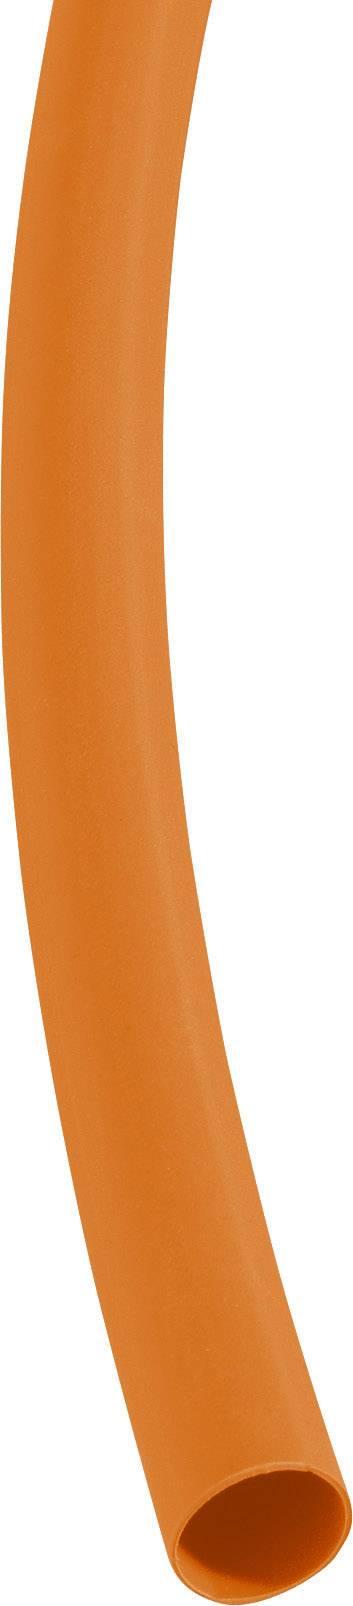 Zmršťovacia bužírka Dera (R) - Aj 3000 / ø pred / po zmrštení: 9,5 mm / 3 mm, oranžová